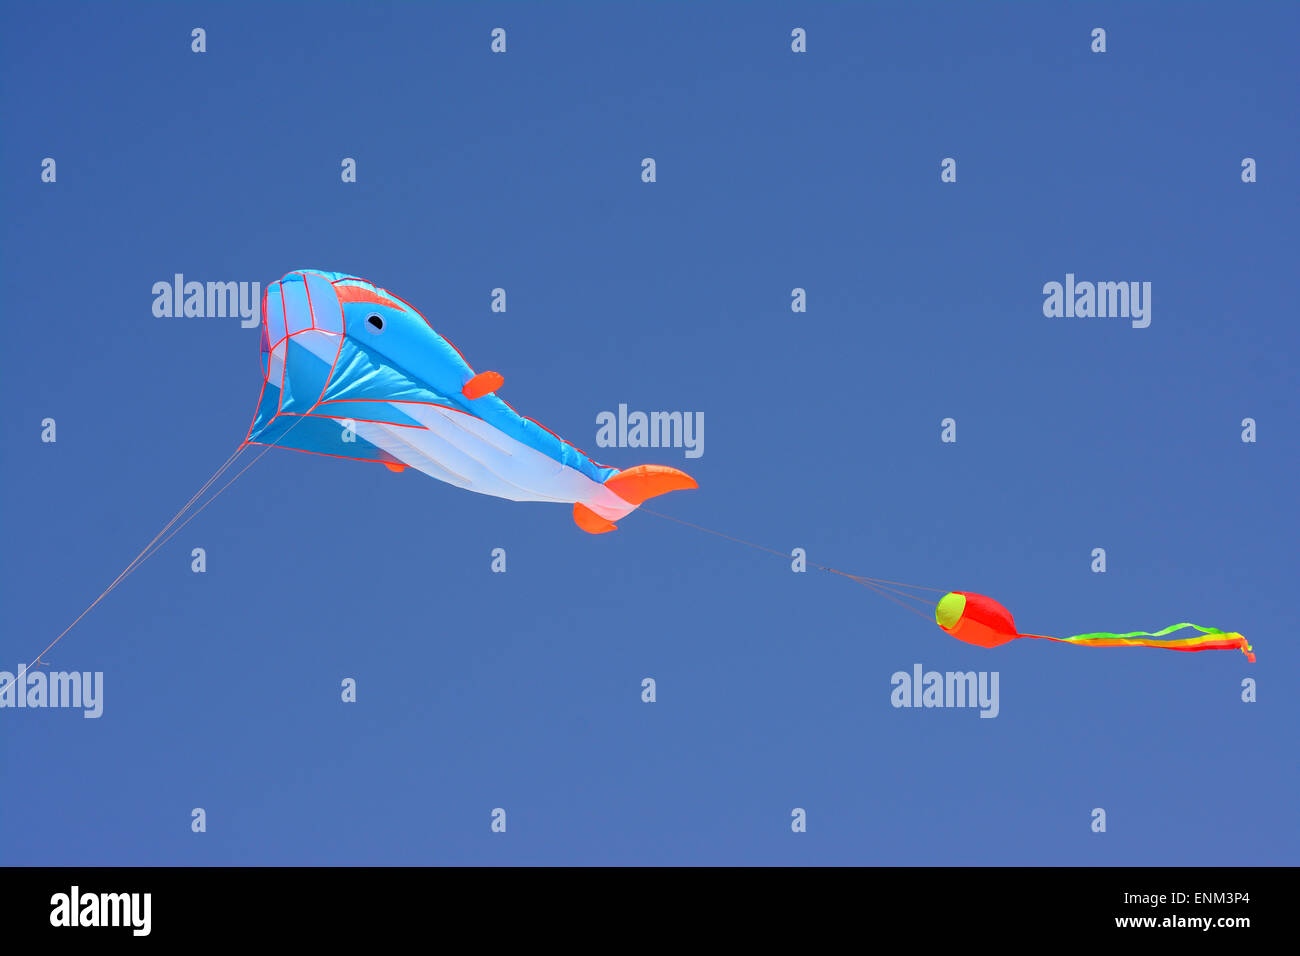 En forme de baleine coloré Kite planer dans le ciel bleu Photo Stock